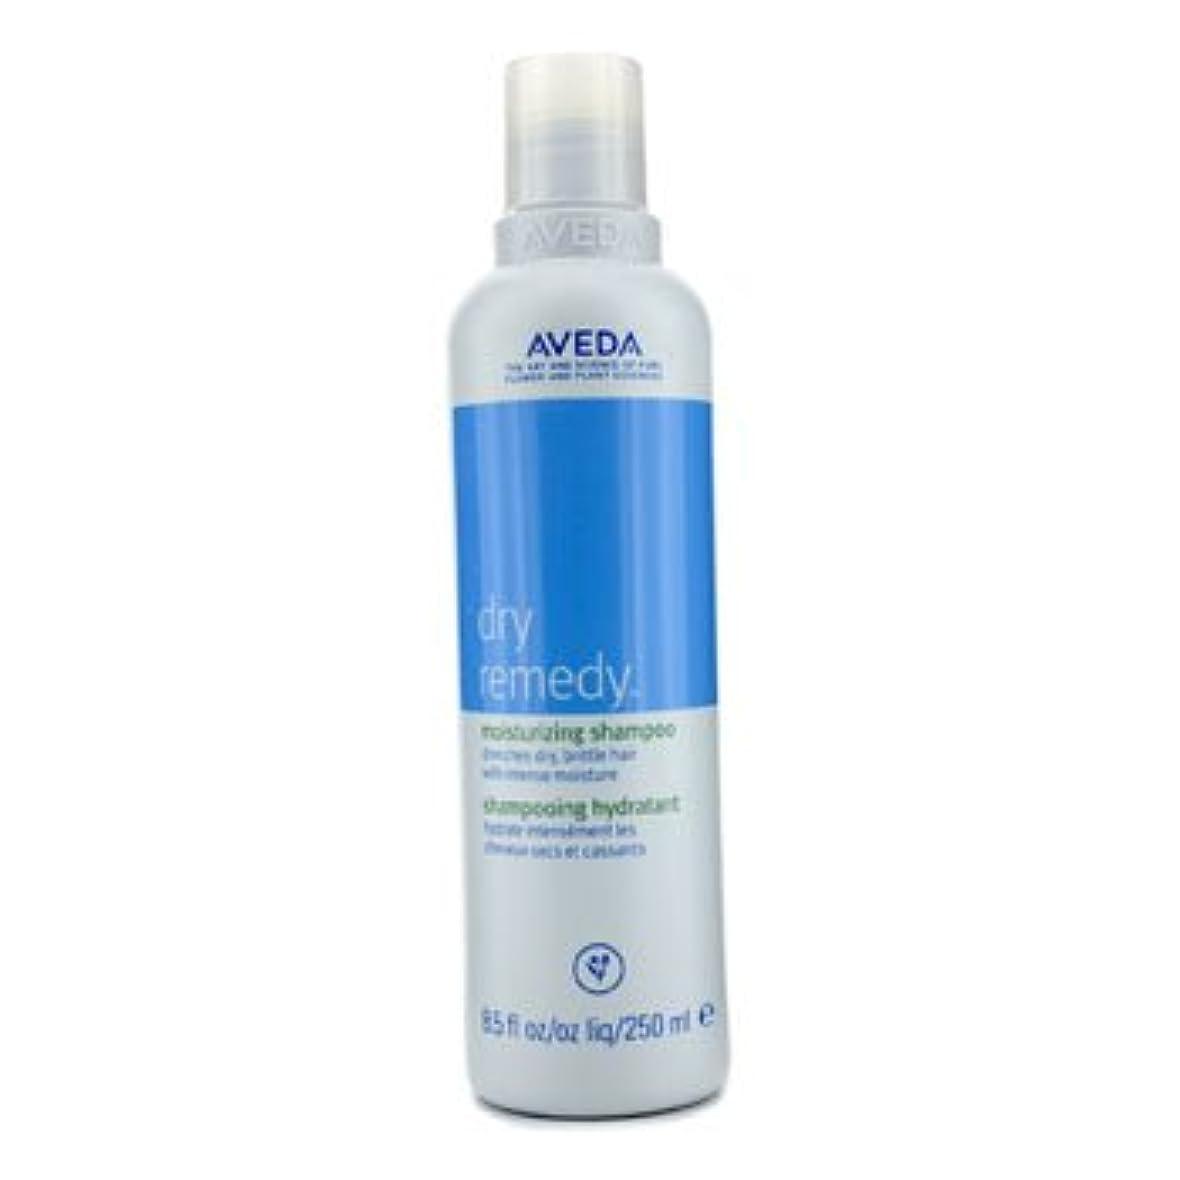 防止まさに熱帯の[Aveda] Dry Remedy Moisturizing Shampoo - For Drenches Dry Brittle Hair (New Packaging) 250ml/8.5oz